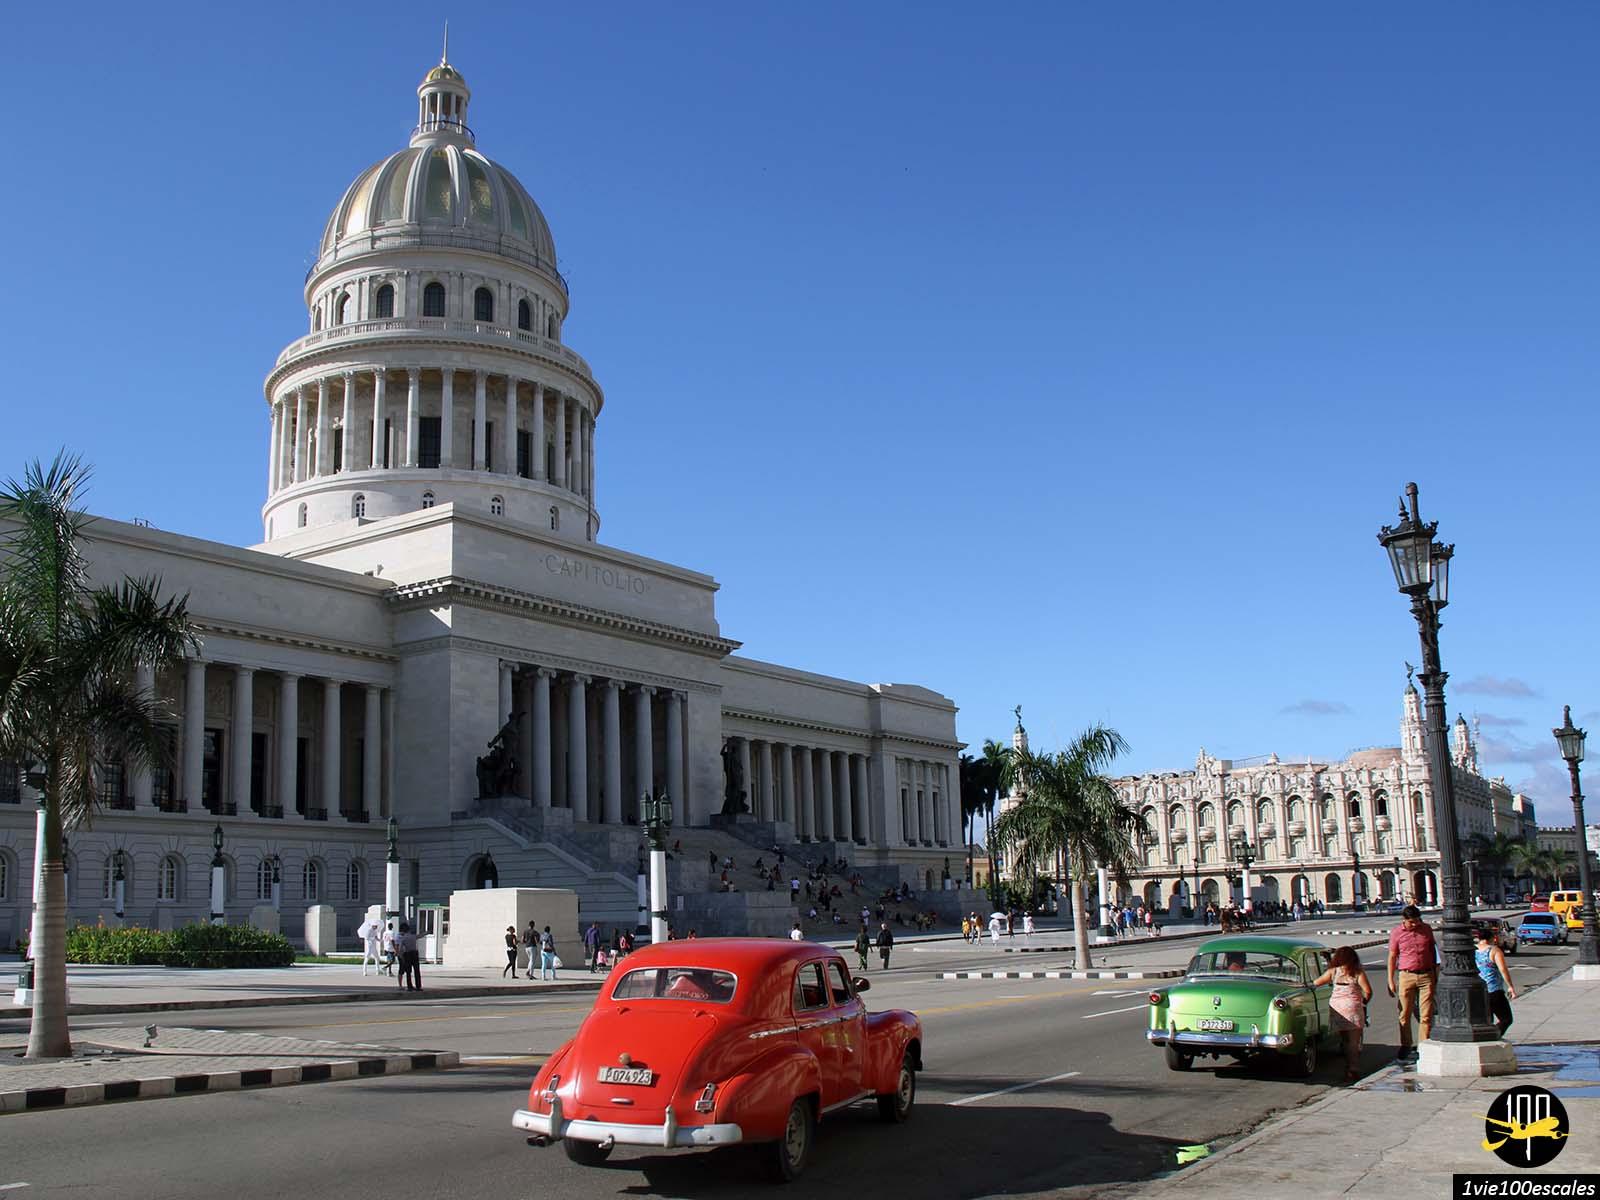 Le capitole de La Havane avec ses anciennes voitures colorées